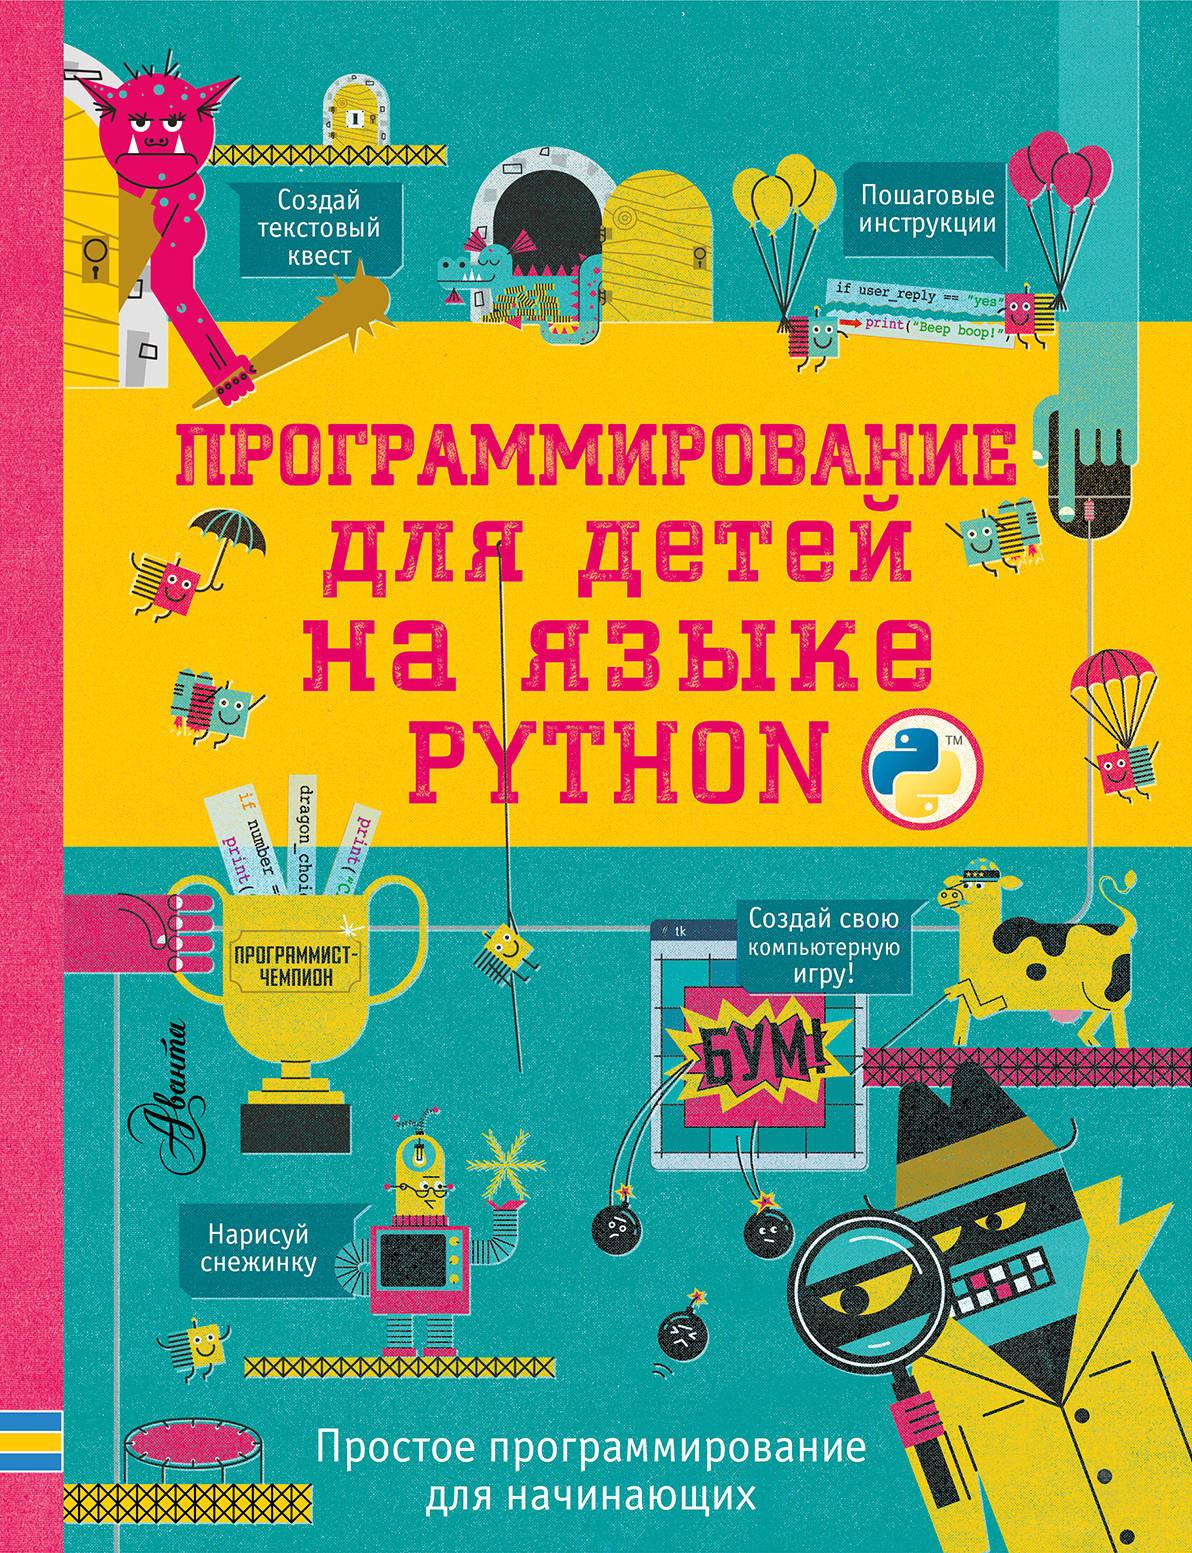 Александр Банкрашков Программирование для детей на языке Python основы программирования на языке python